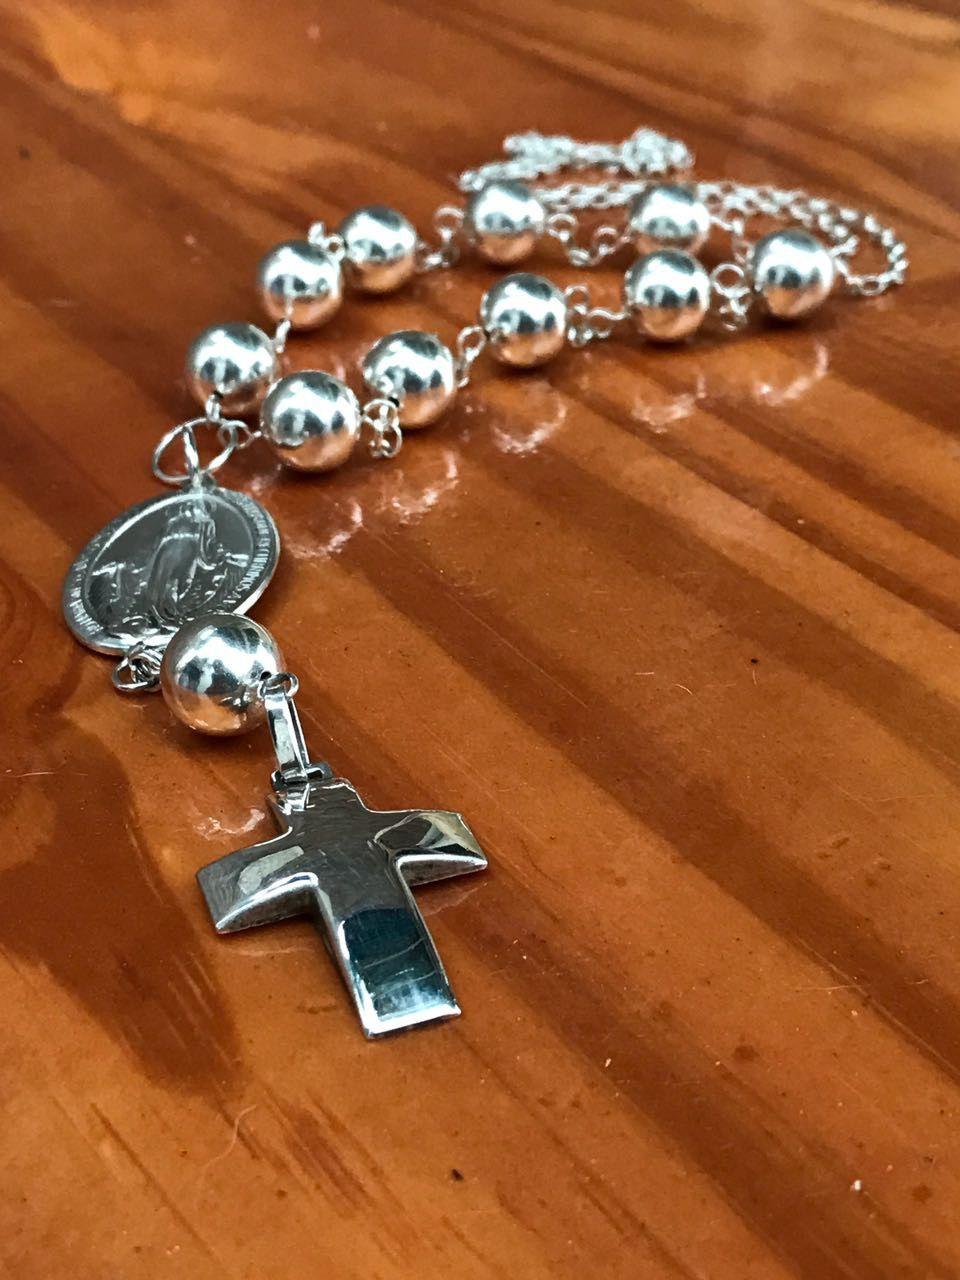 fbf3be85ffd1 Denario con cuentas grandes | joyas con significado - plata 925 ...